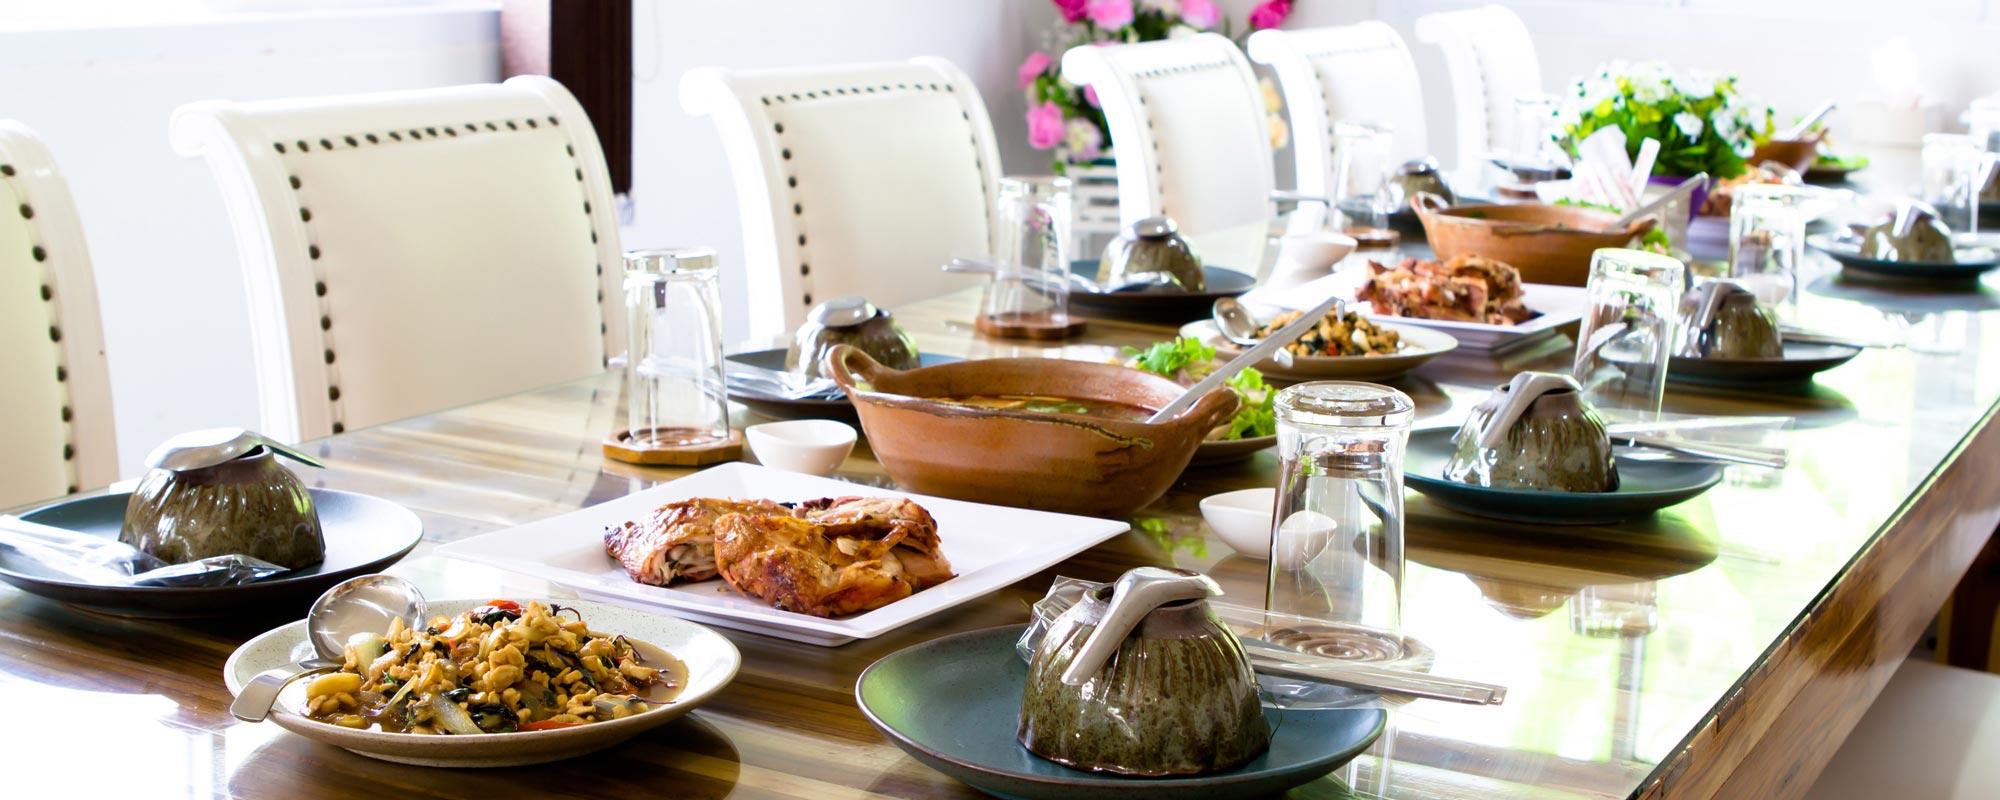 restauracja - domowa kuchnia